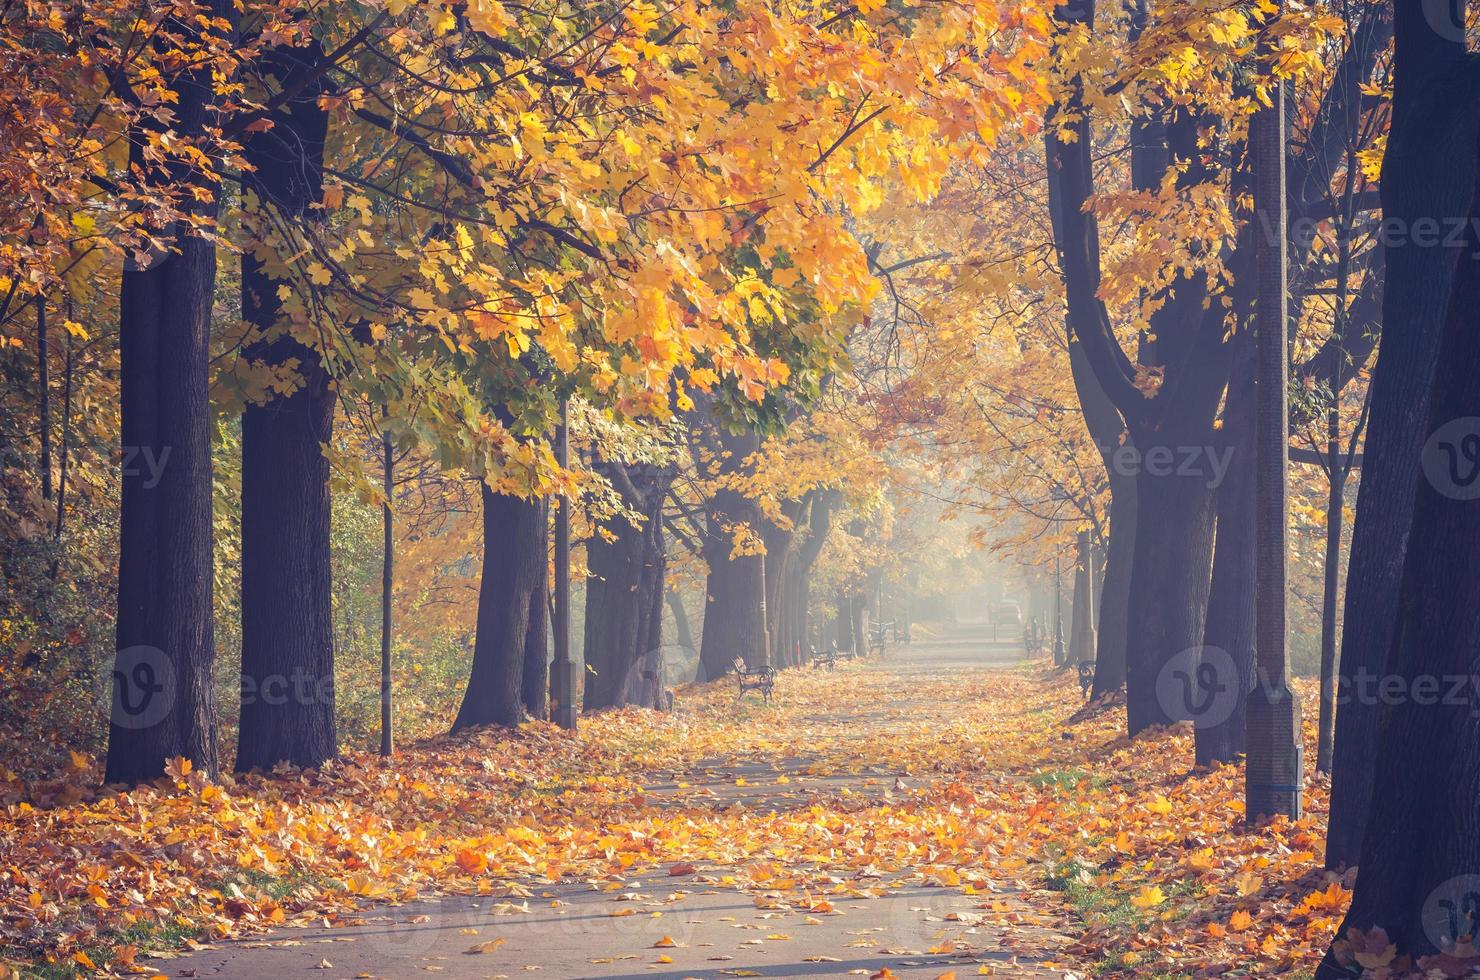 beco de árvores coloridas no parque outono foto